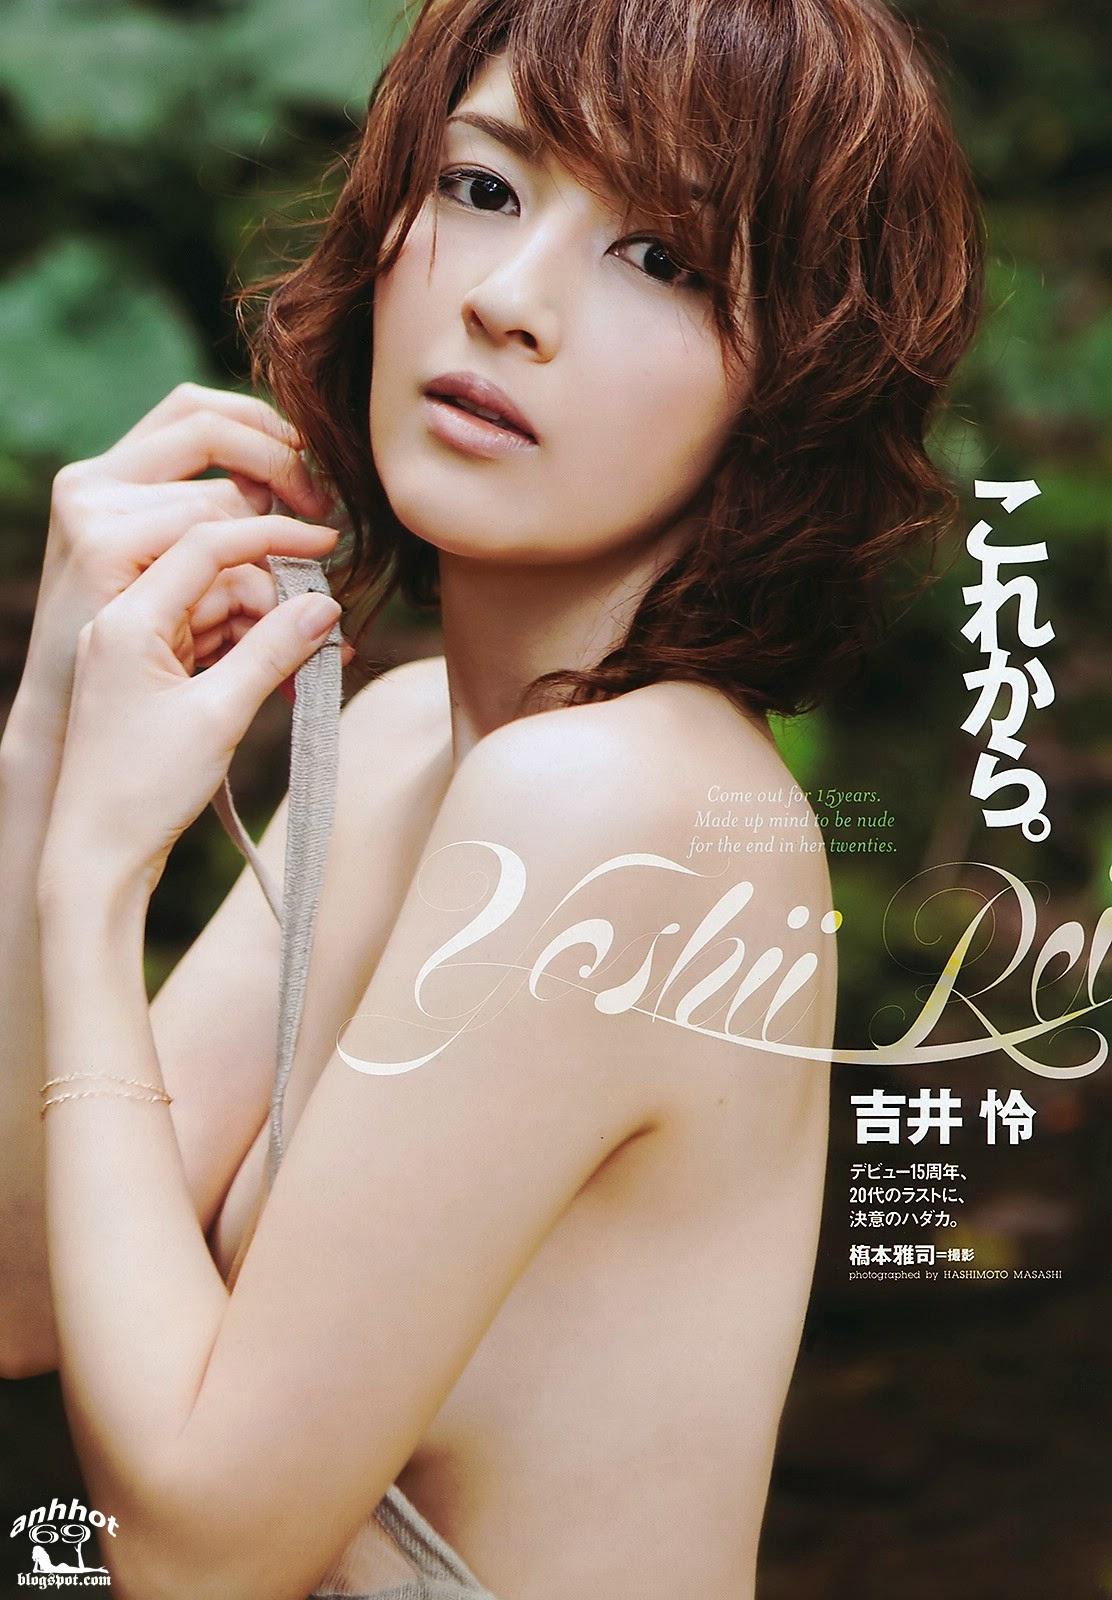 rei-yoshii-01322138